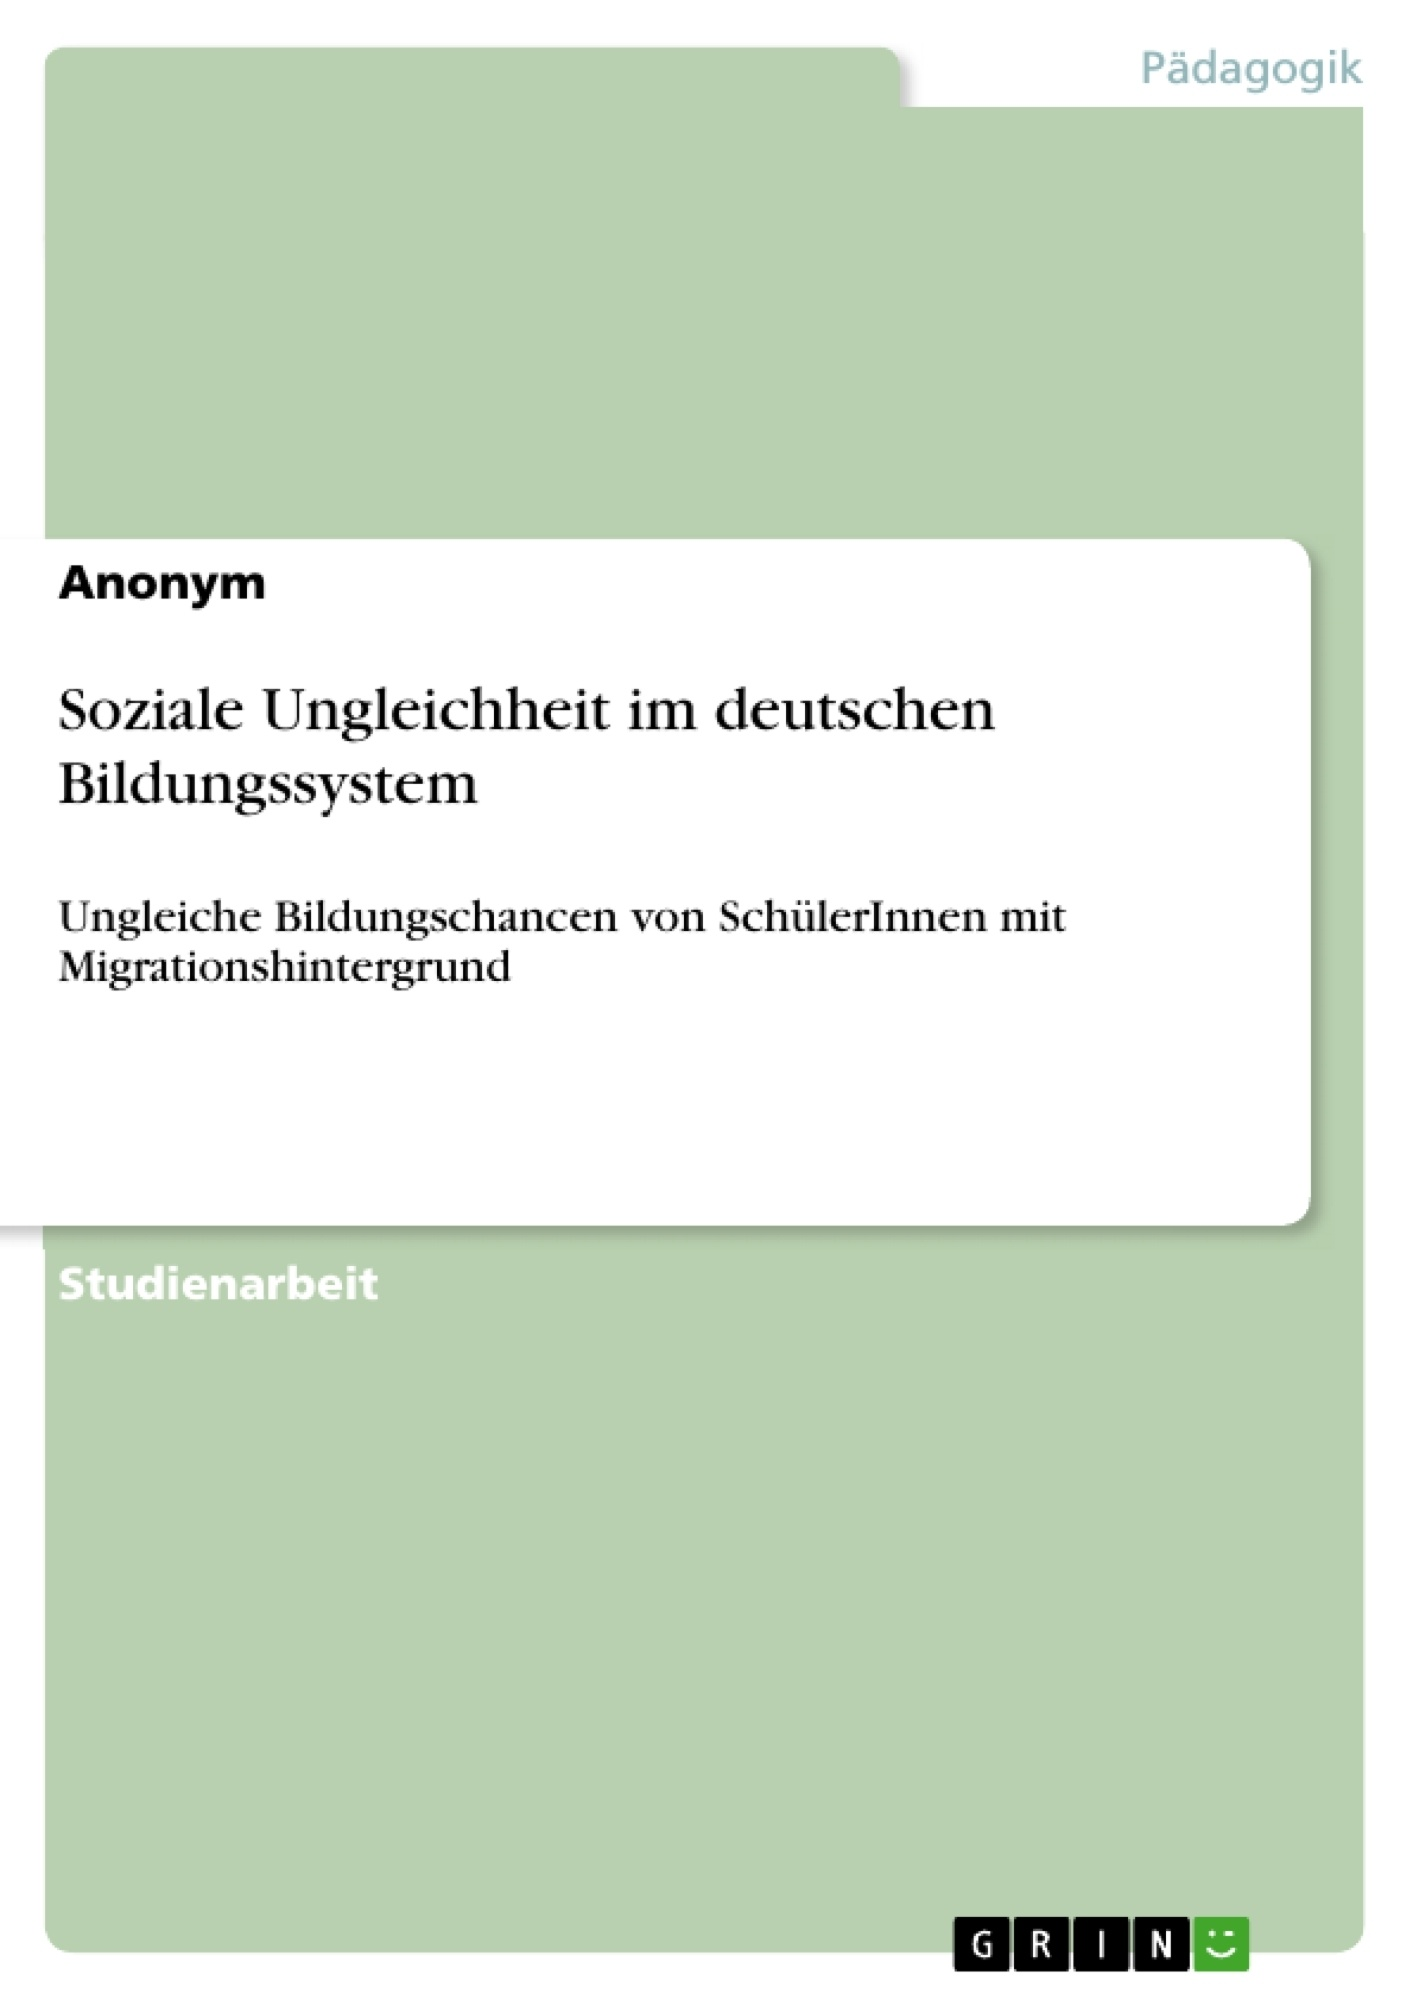 Titel: Soziale Ungleichheit im deutschen Bildungssystem